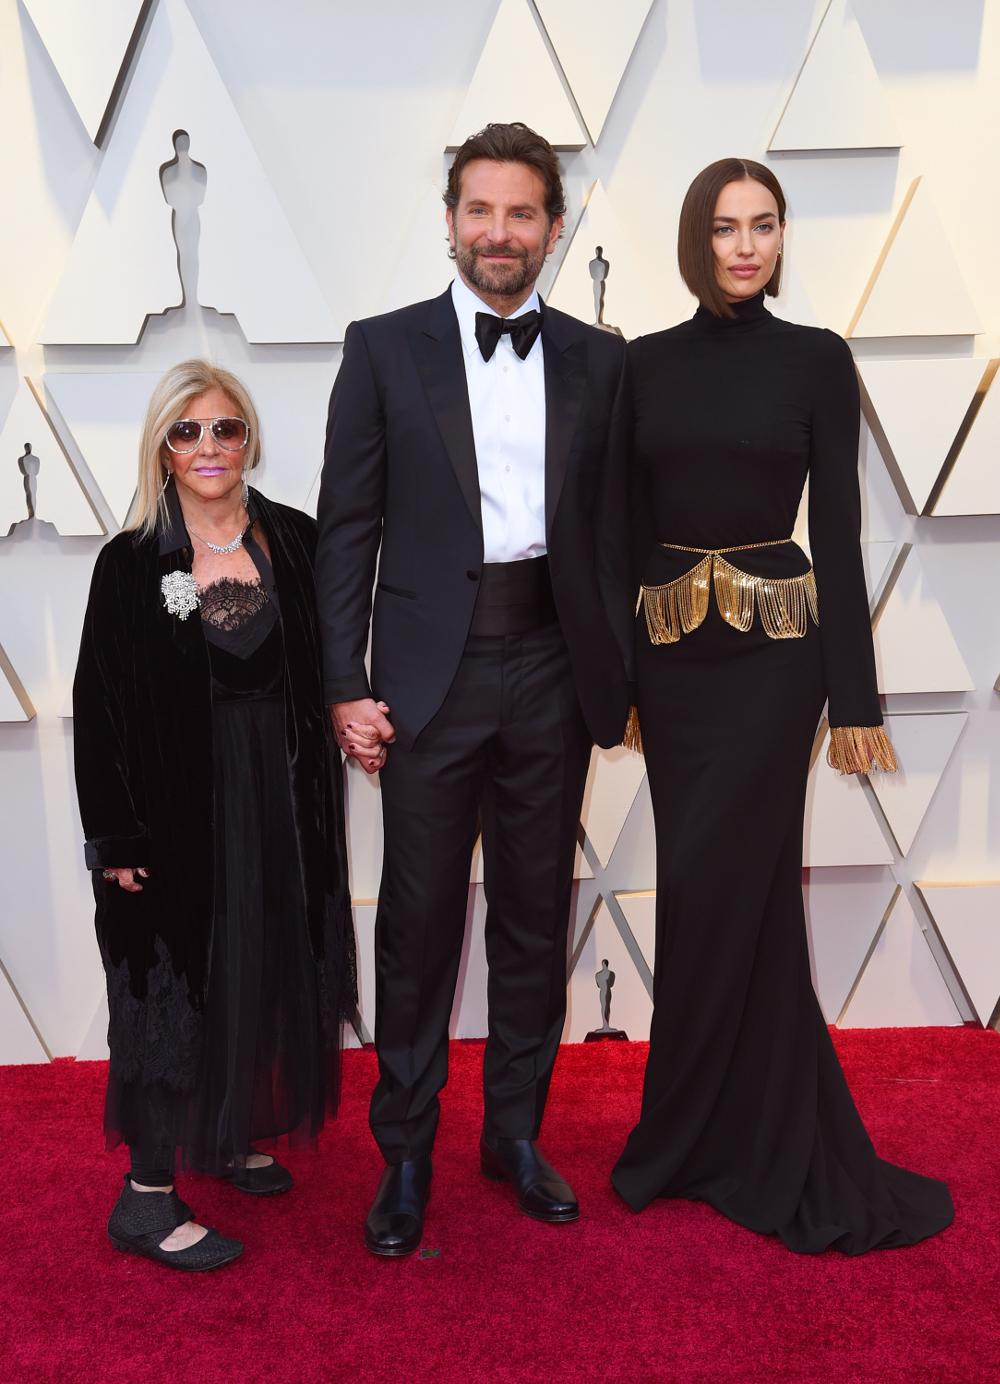 Ο Μπράντλεϊ Κούπερ με την Ιρίνα Σάικ και την μητέρα του Γκλόρια στα Οσκαρ 2019.